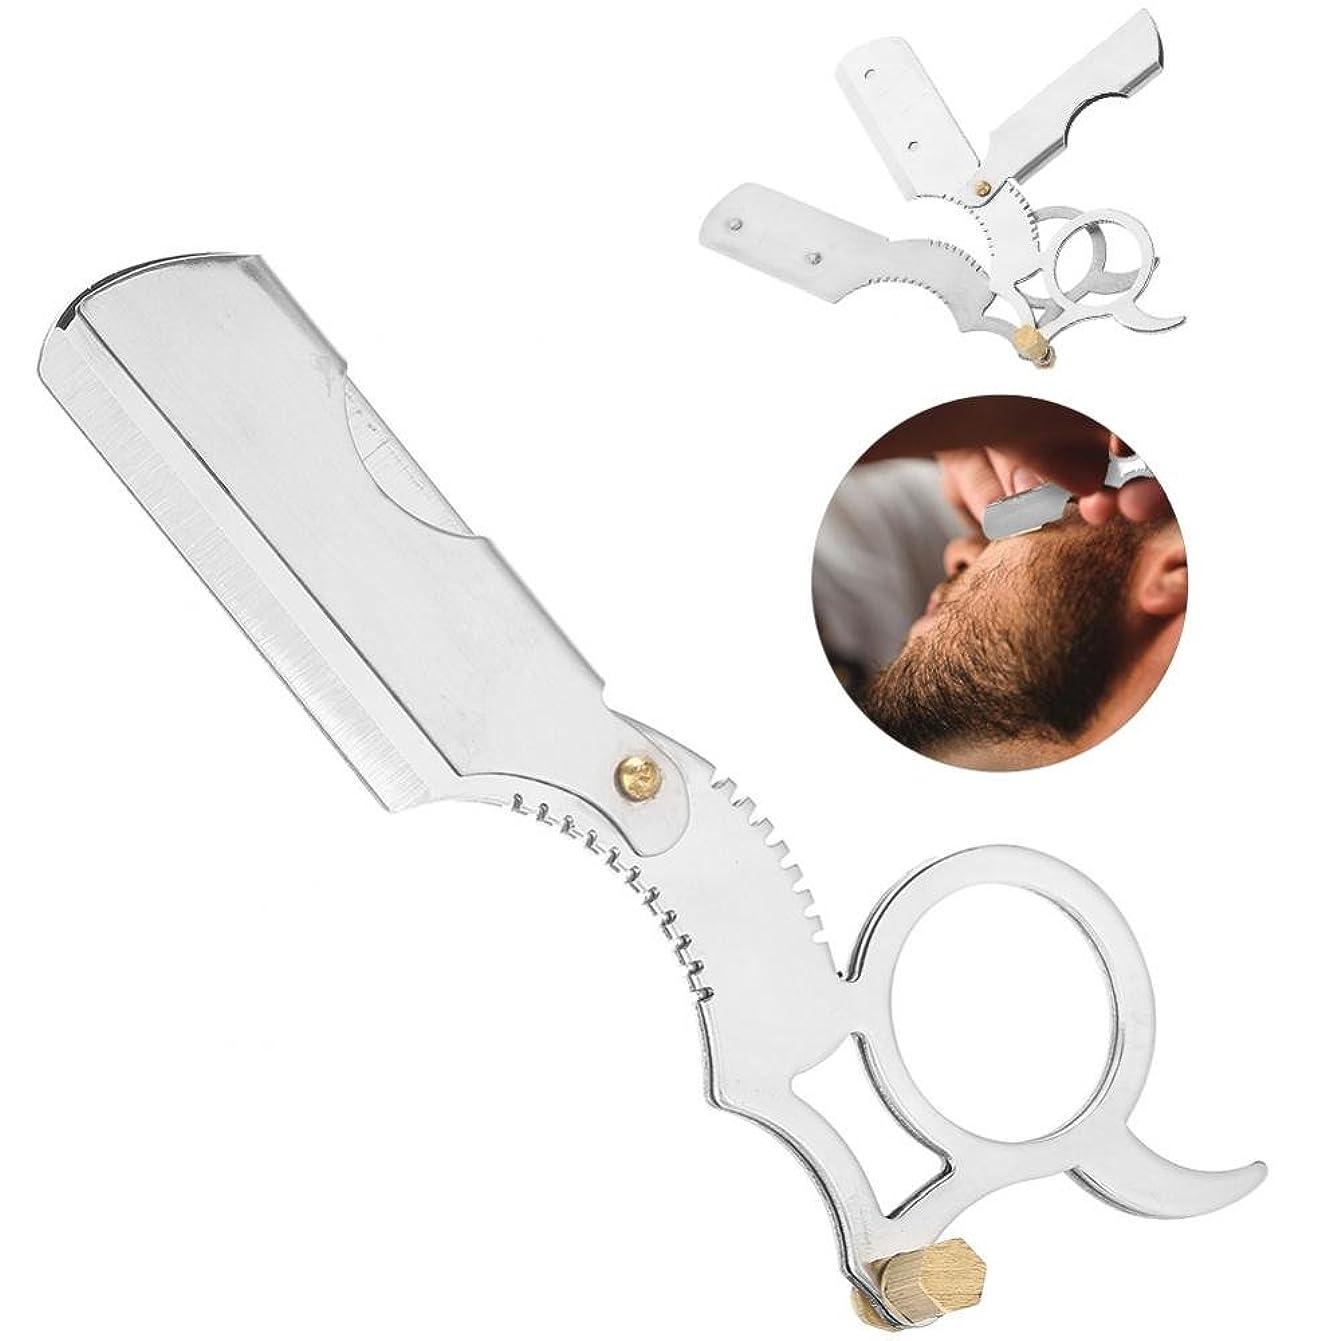 輝度セージスロベニアかみそり 男性 ステンレス鋼 安全剃刀 刃ヘッドシェーバー 折りたたみ 男性フェイスケア クレンジングシェービングツール(1)